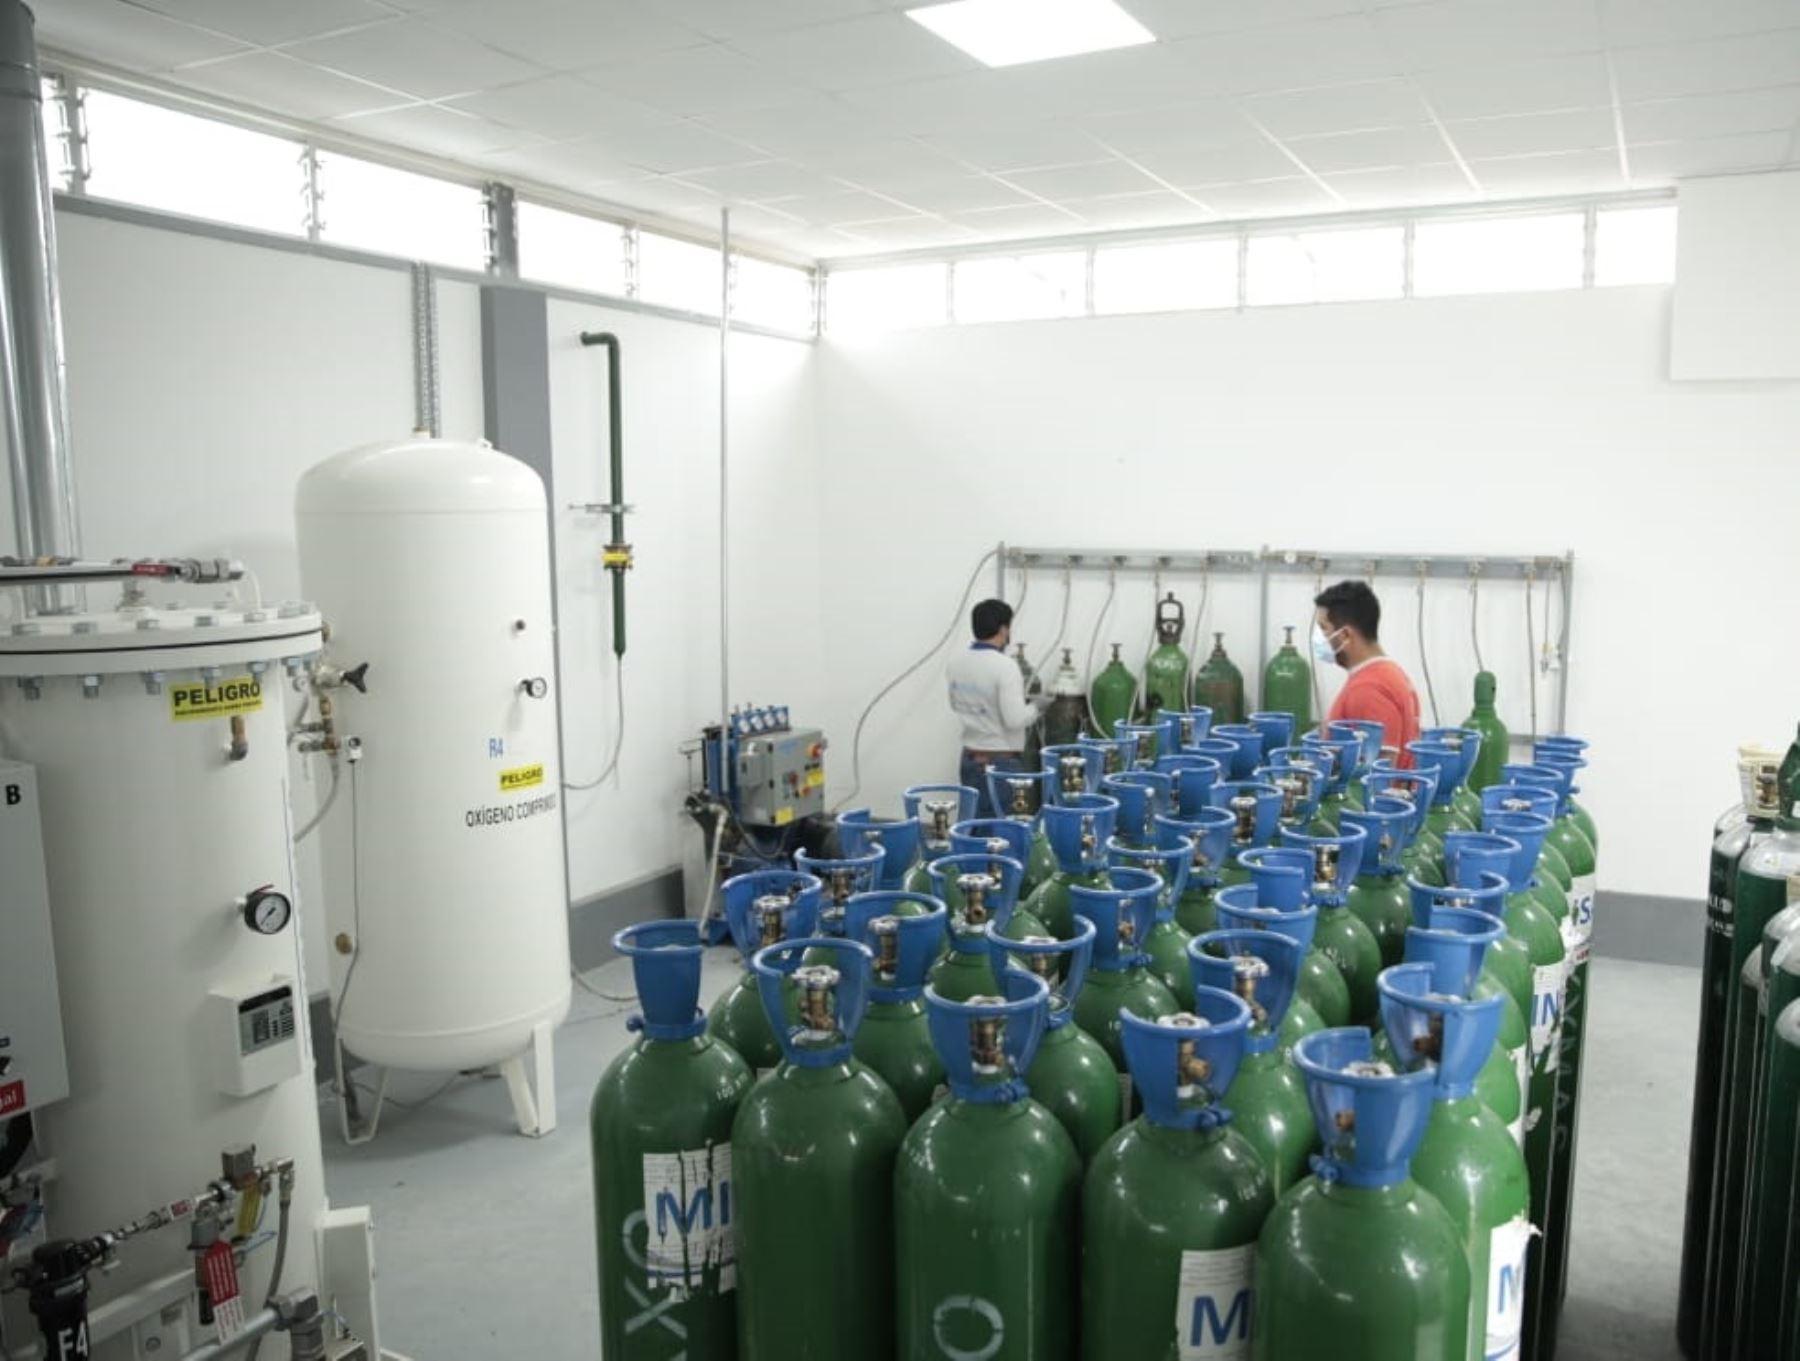 Región San Martín enviará oxígeno medicinal a hospital de Ate para atender el creciente número de casos de covid-19 que se registra en Lima.